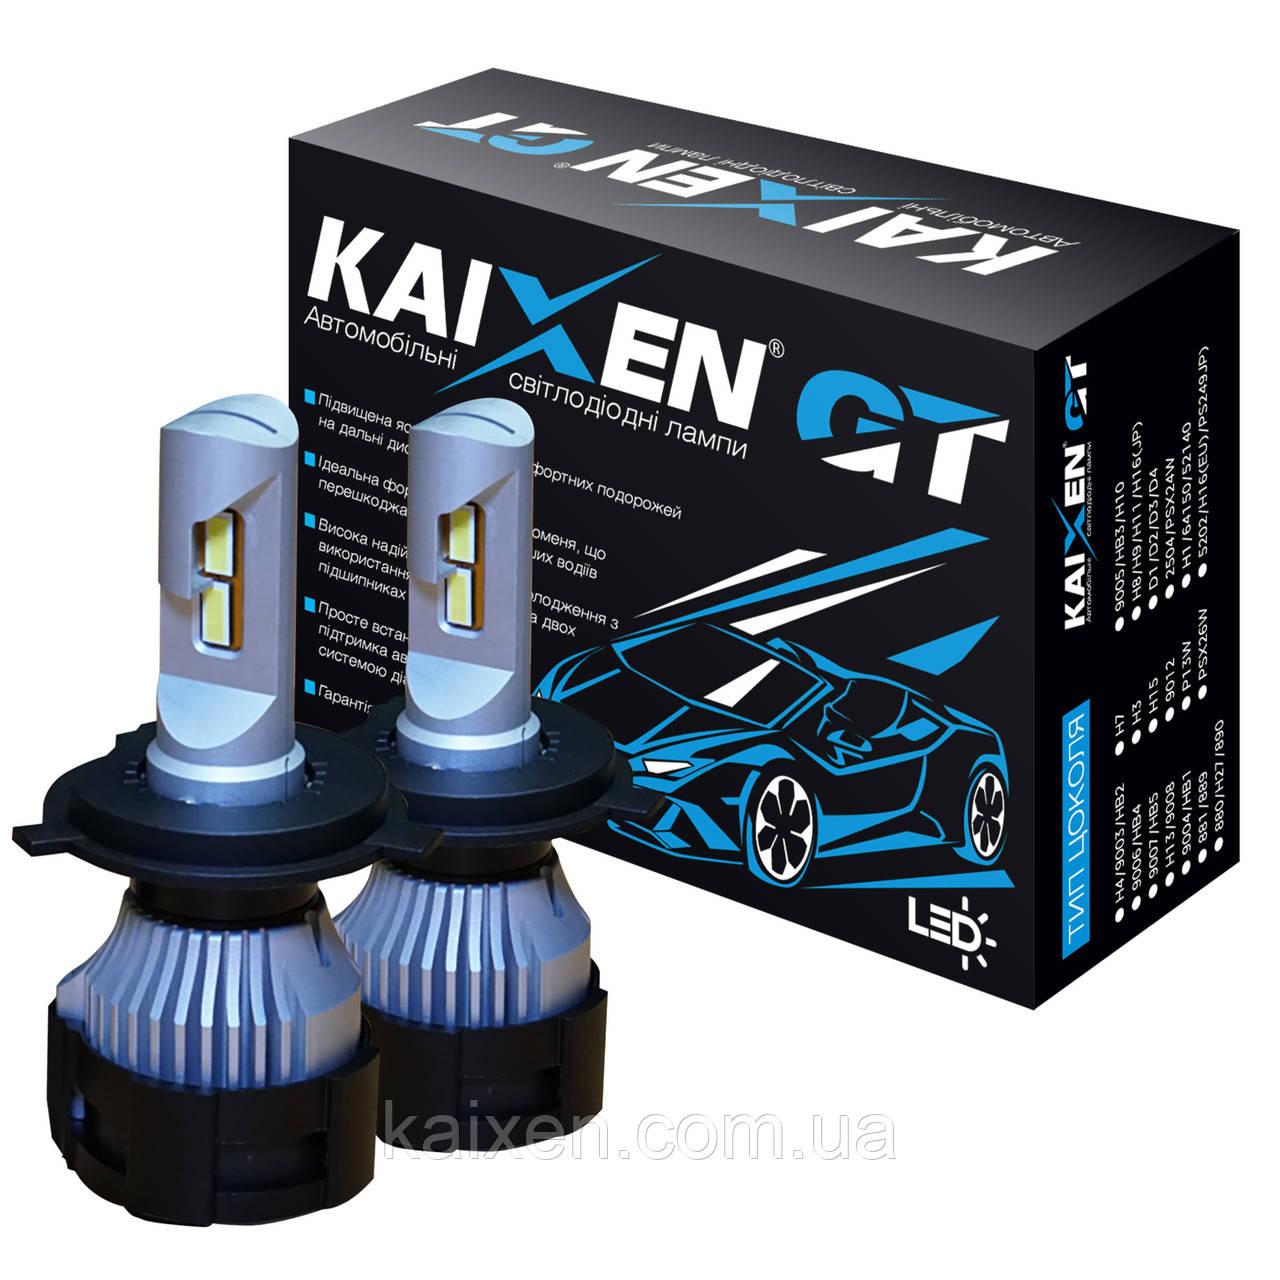 Светодиодные лампы H4 50W-6000K KAIXEN GT